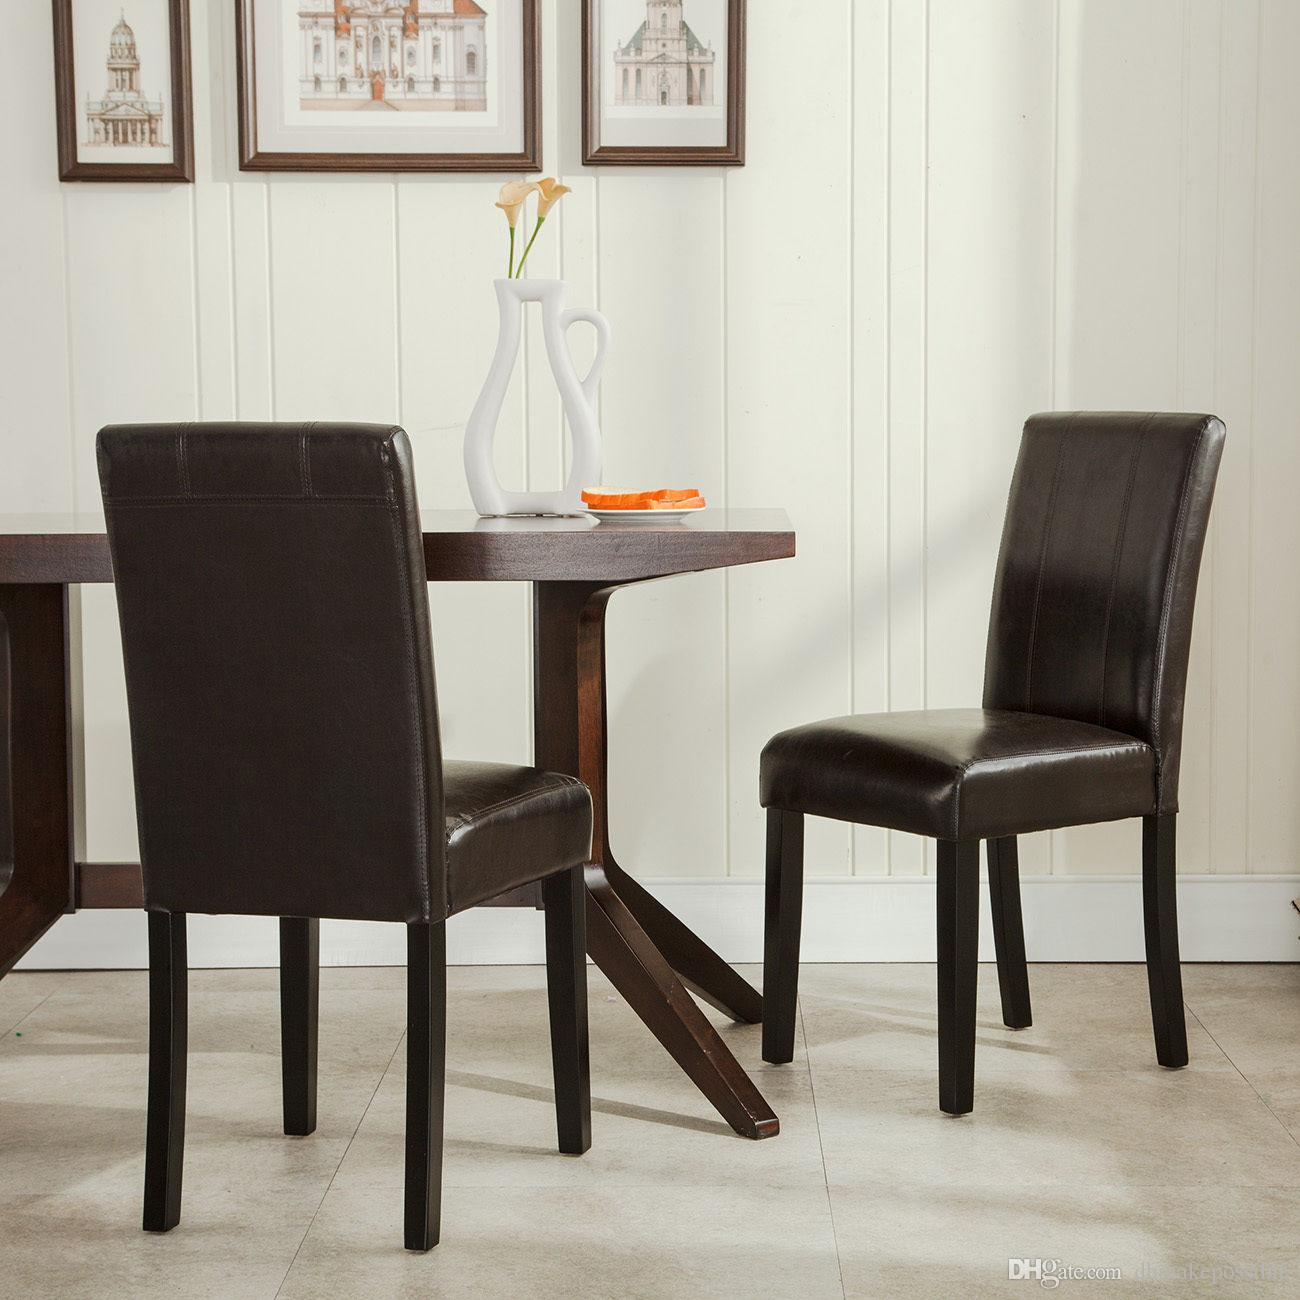 Charmant Satz Von 2 Elegant Design Möbel Leder Parsons Esszimmer Stühle Sitz Braun